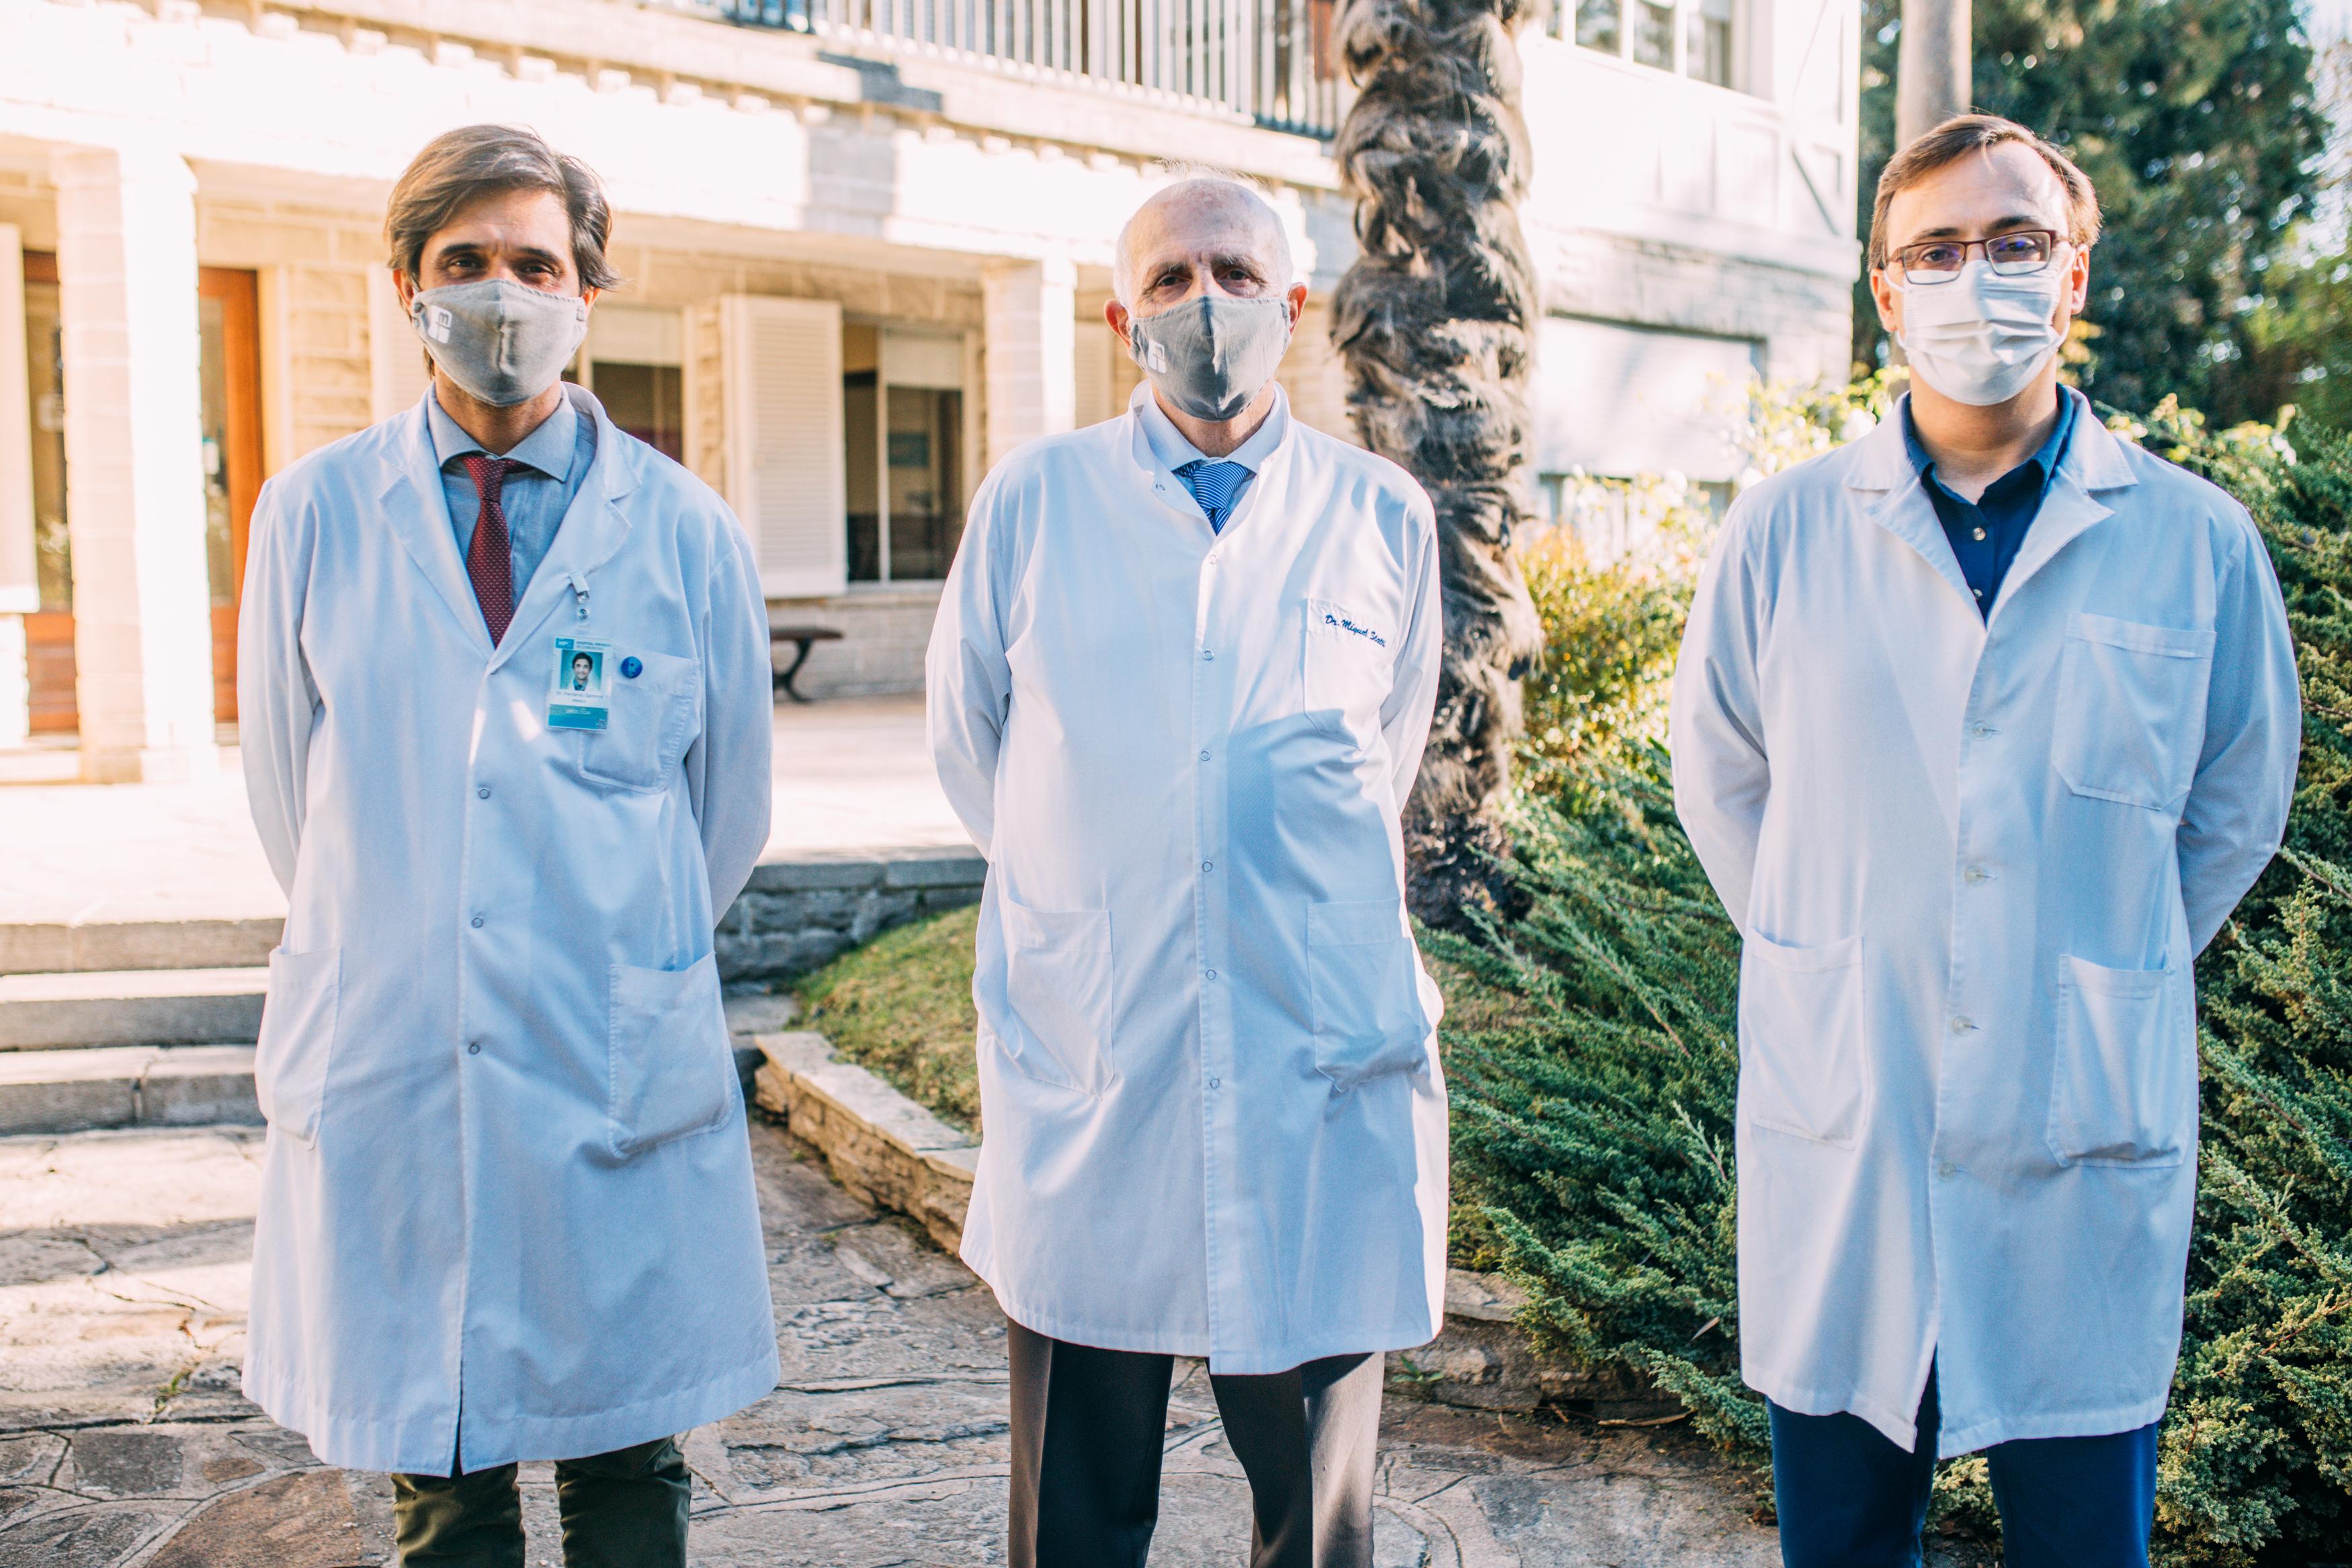 Dr. Fernando Santomil, vicepresidente de Fundación Médica de Mar del Plata; Dr. Miguel Ángel Statti, presidente de Fundación Médica de Mar del Plata; Dr. Pablo Malfante, director del Hospital Privado de Comunidad.